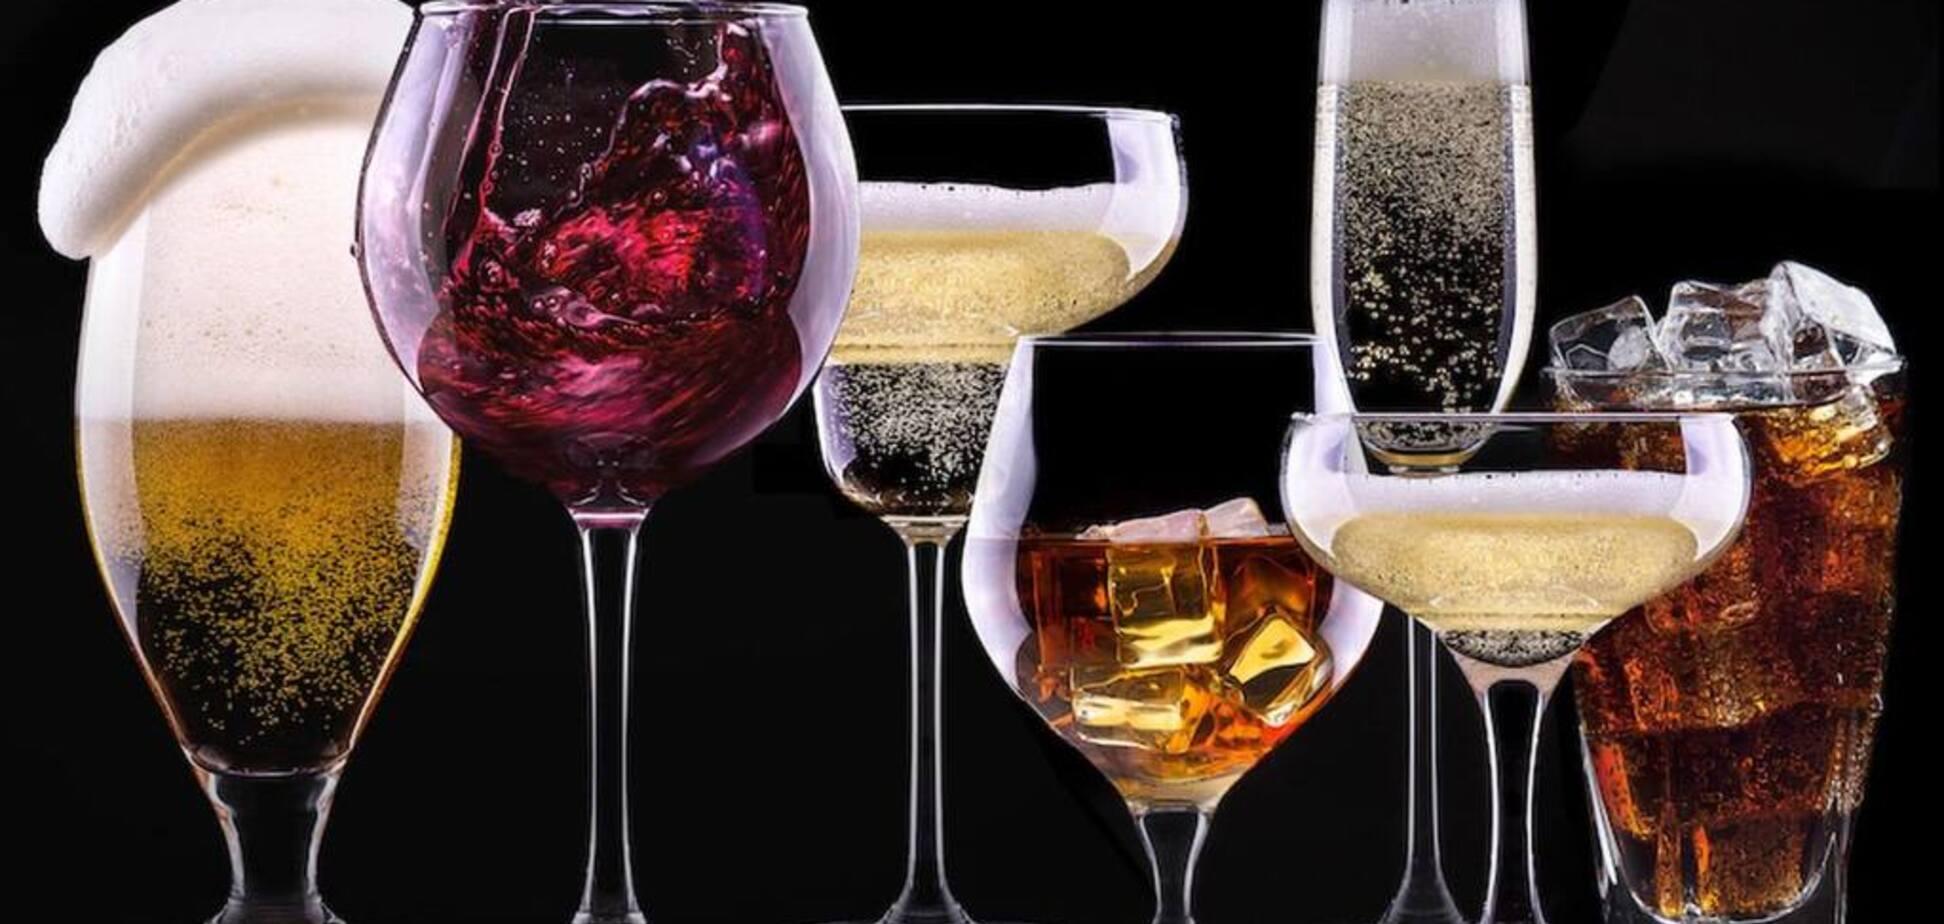 Можна з ліками: Супрун розвінчала міфи про алкоголь